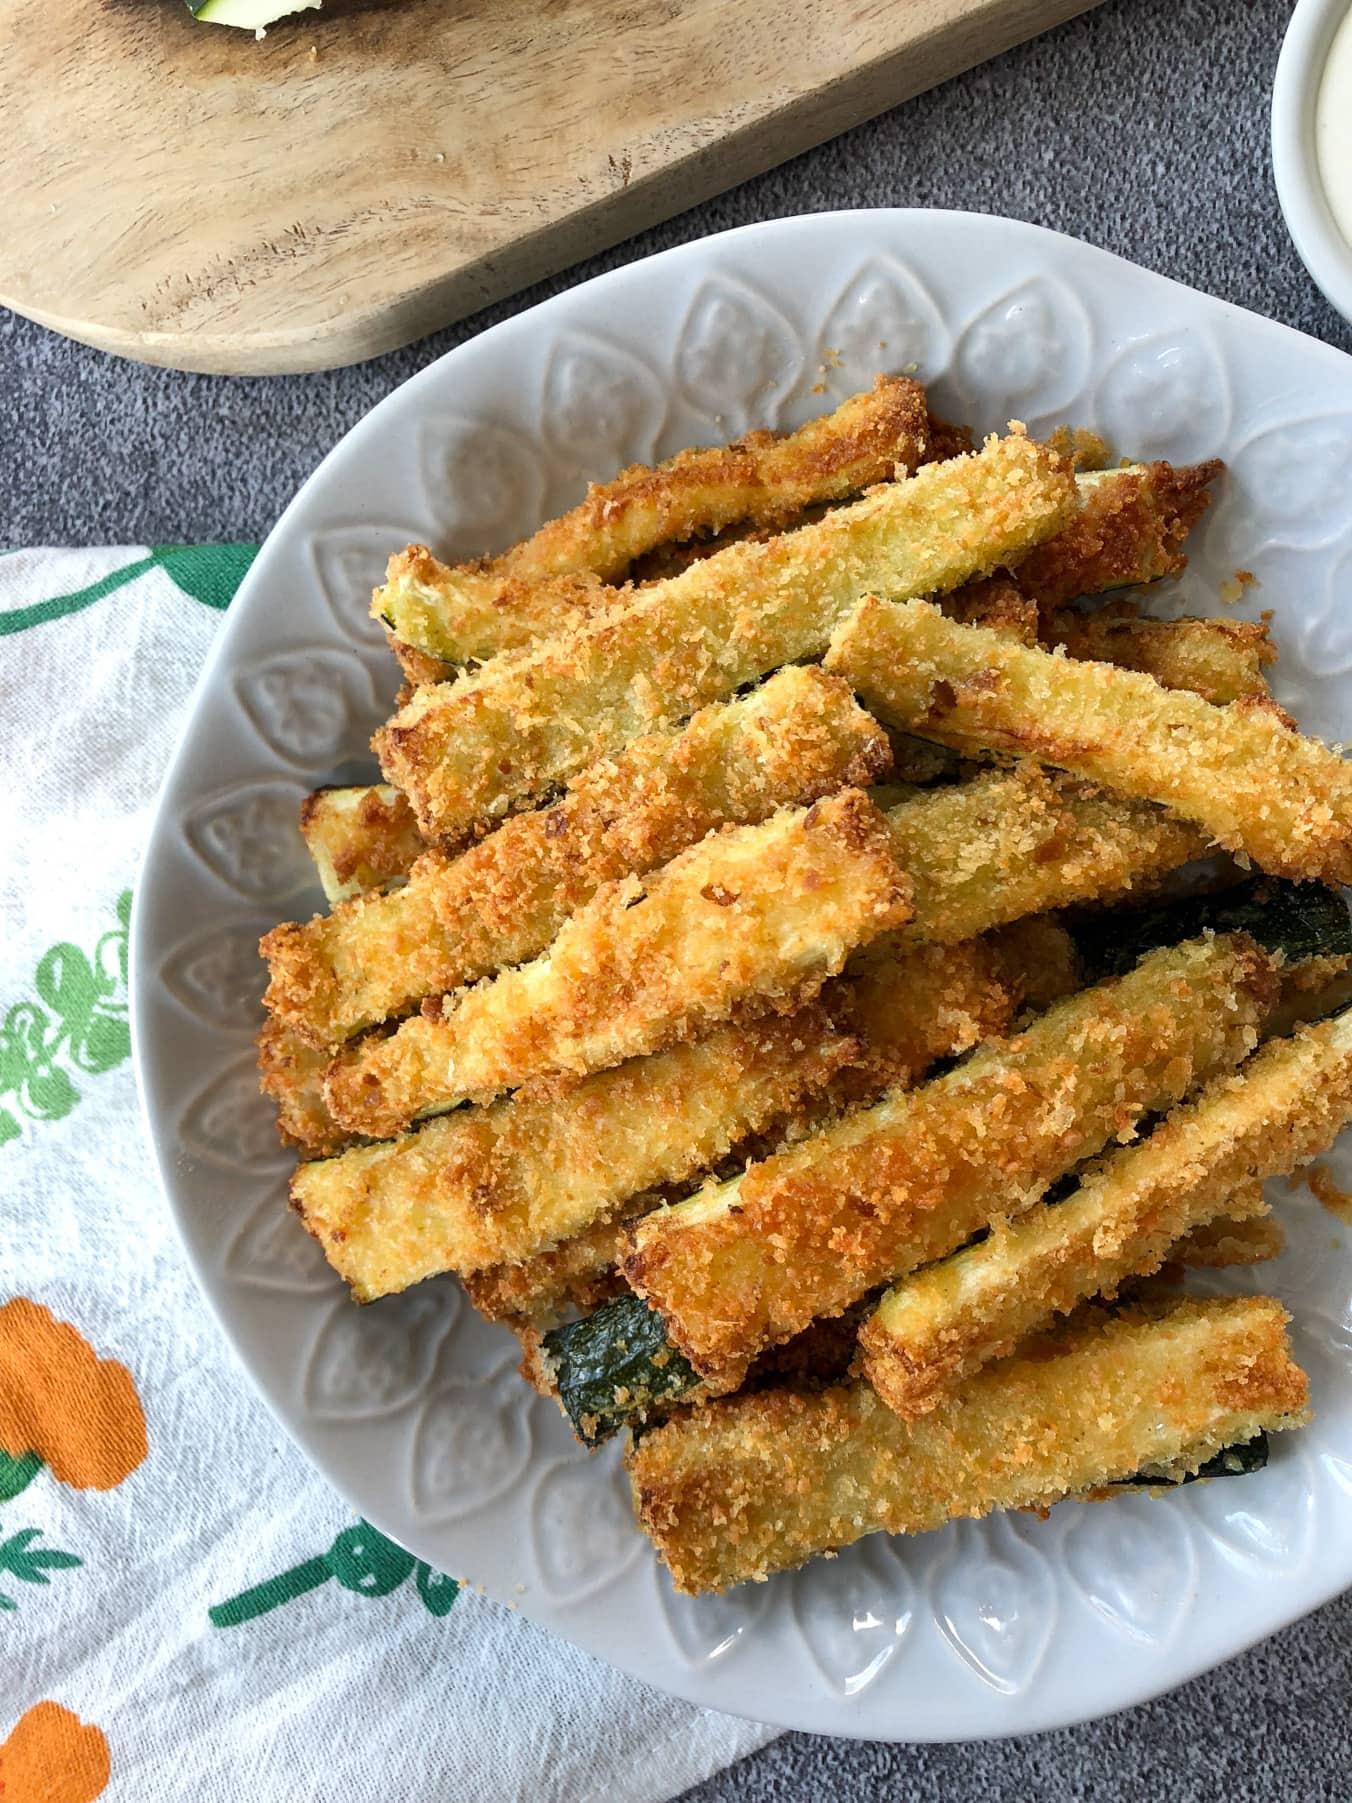 Airfryer Zucchini Fries